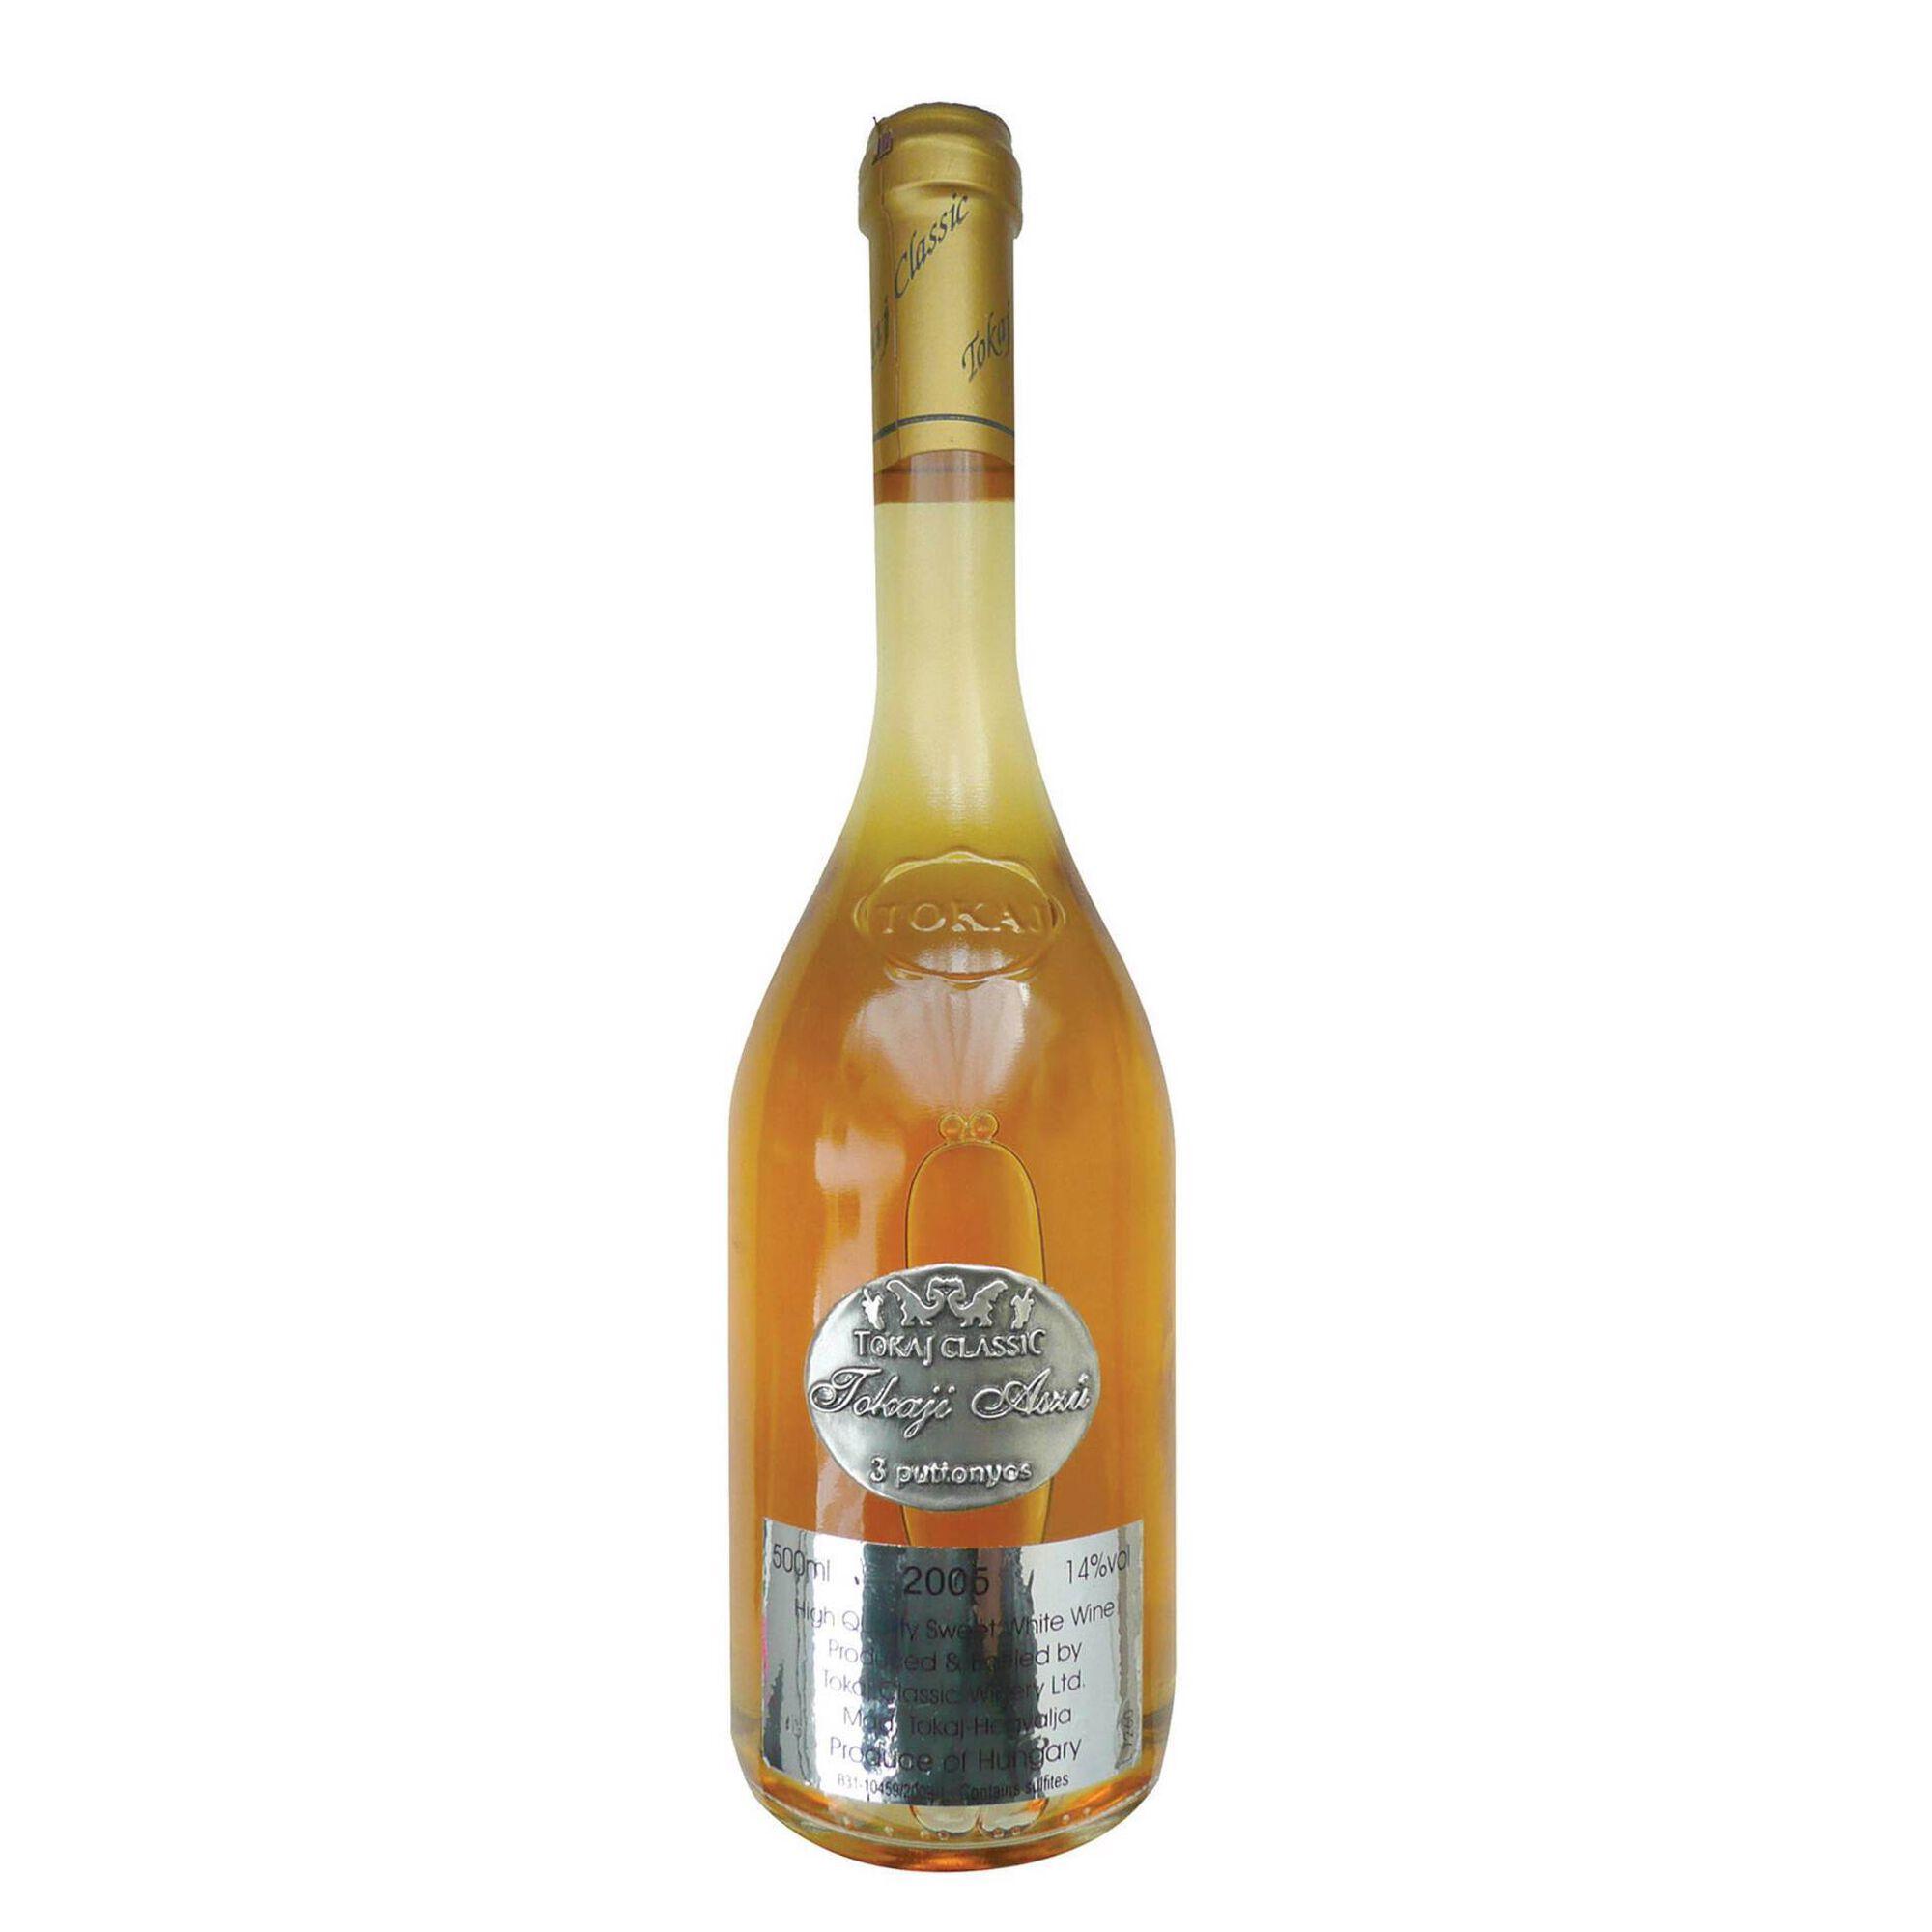 Tokaji Aszú 3 Puttonyos Colheita Tardia Vinho Branco